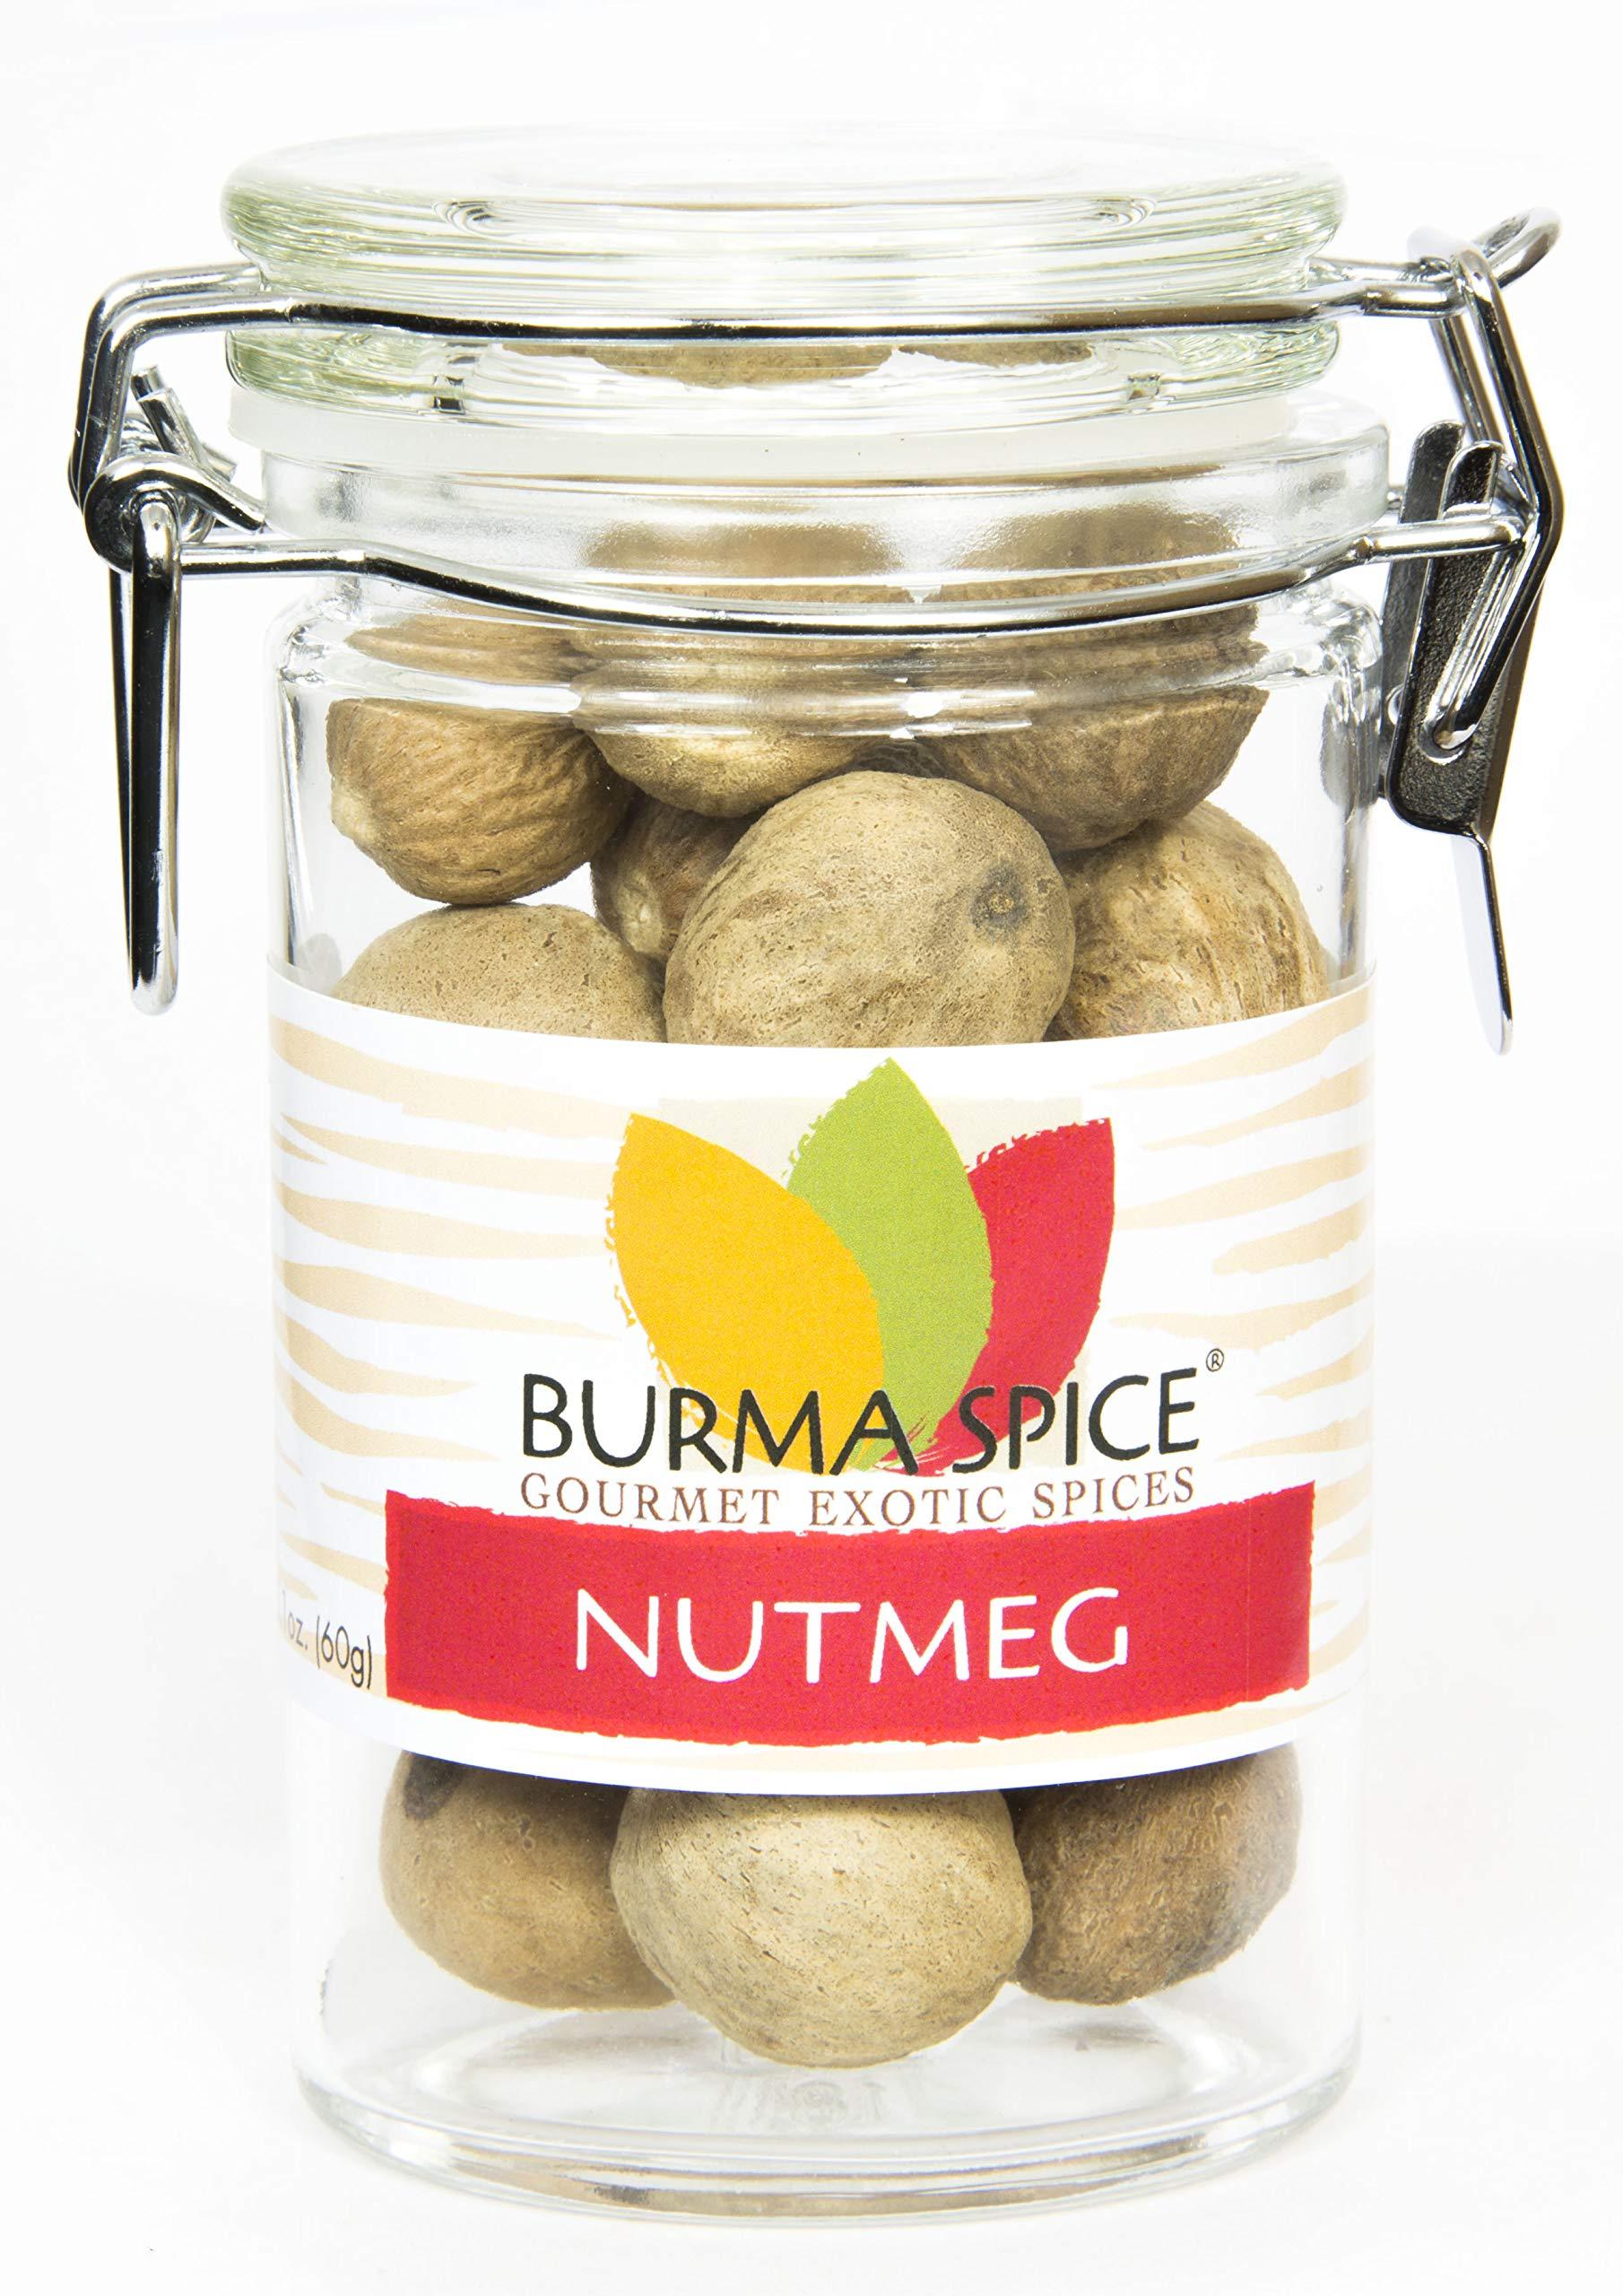 Whole Nutmeg (2.1oz.)